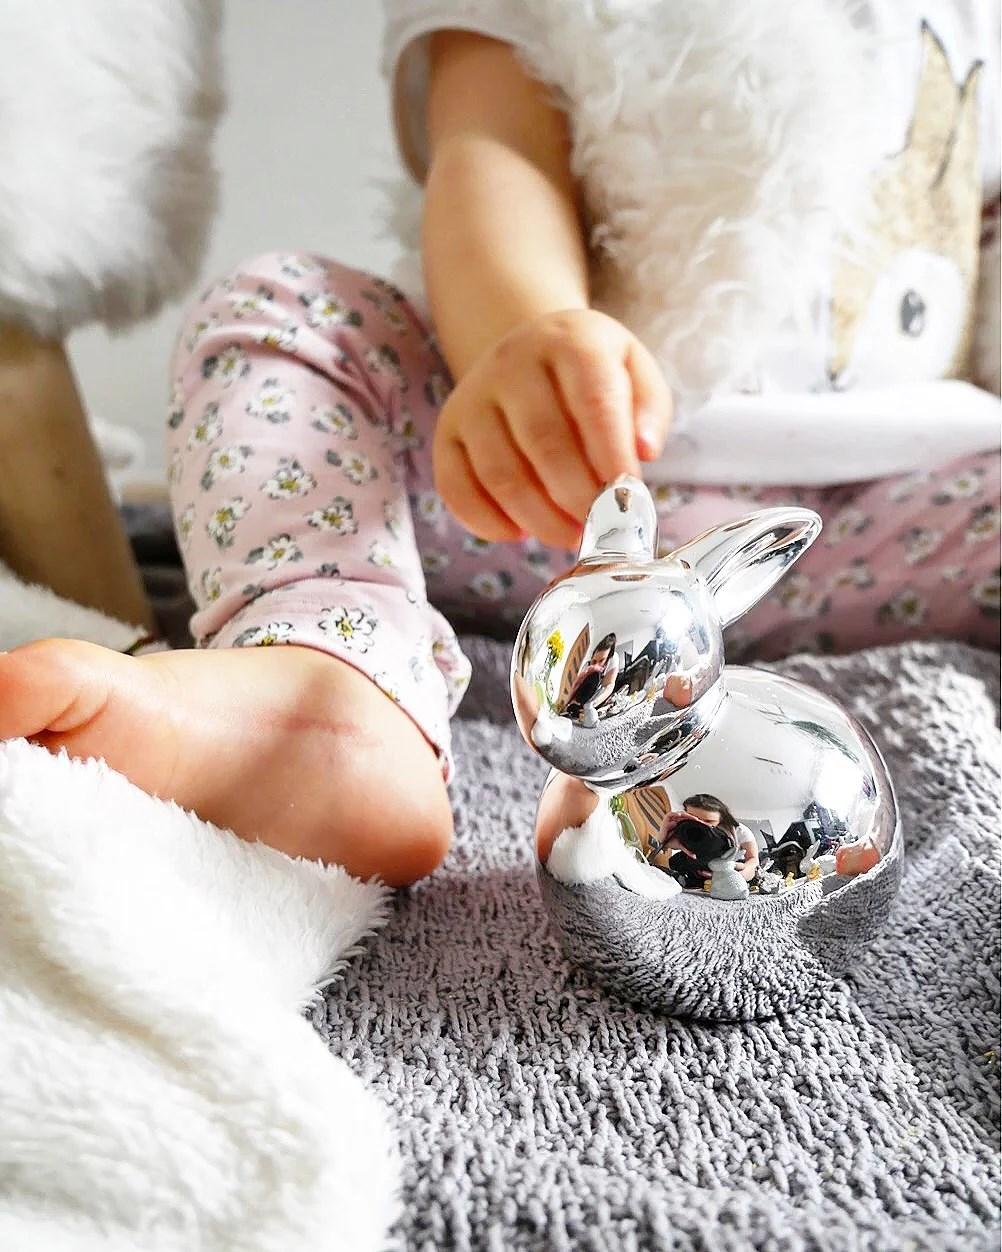 Wielkanoc. Pomysł na sesję dla dziecka. Dekoracje Home&You. Króliczek Lindt. Świąteczny koszyczek.